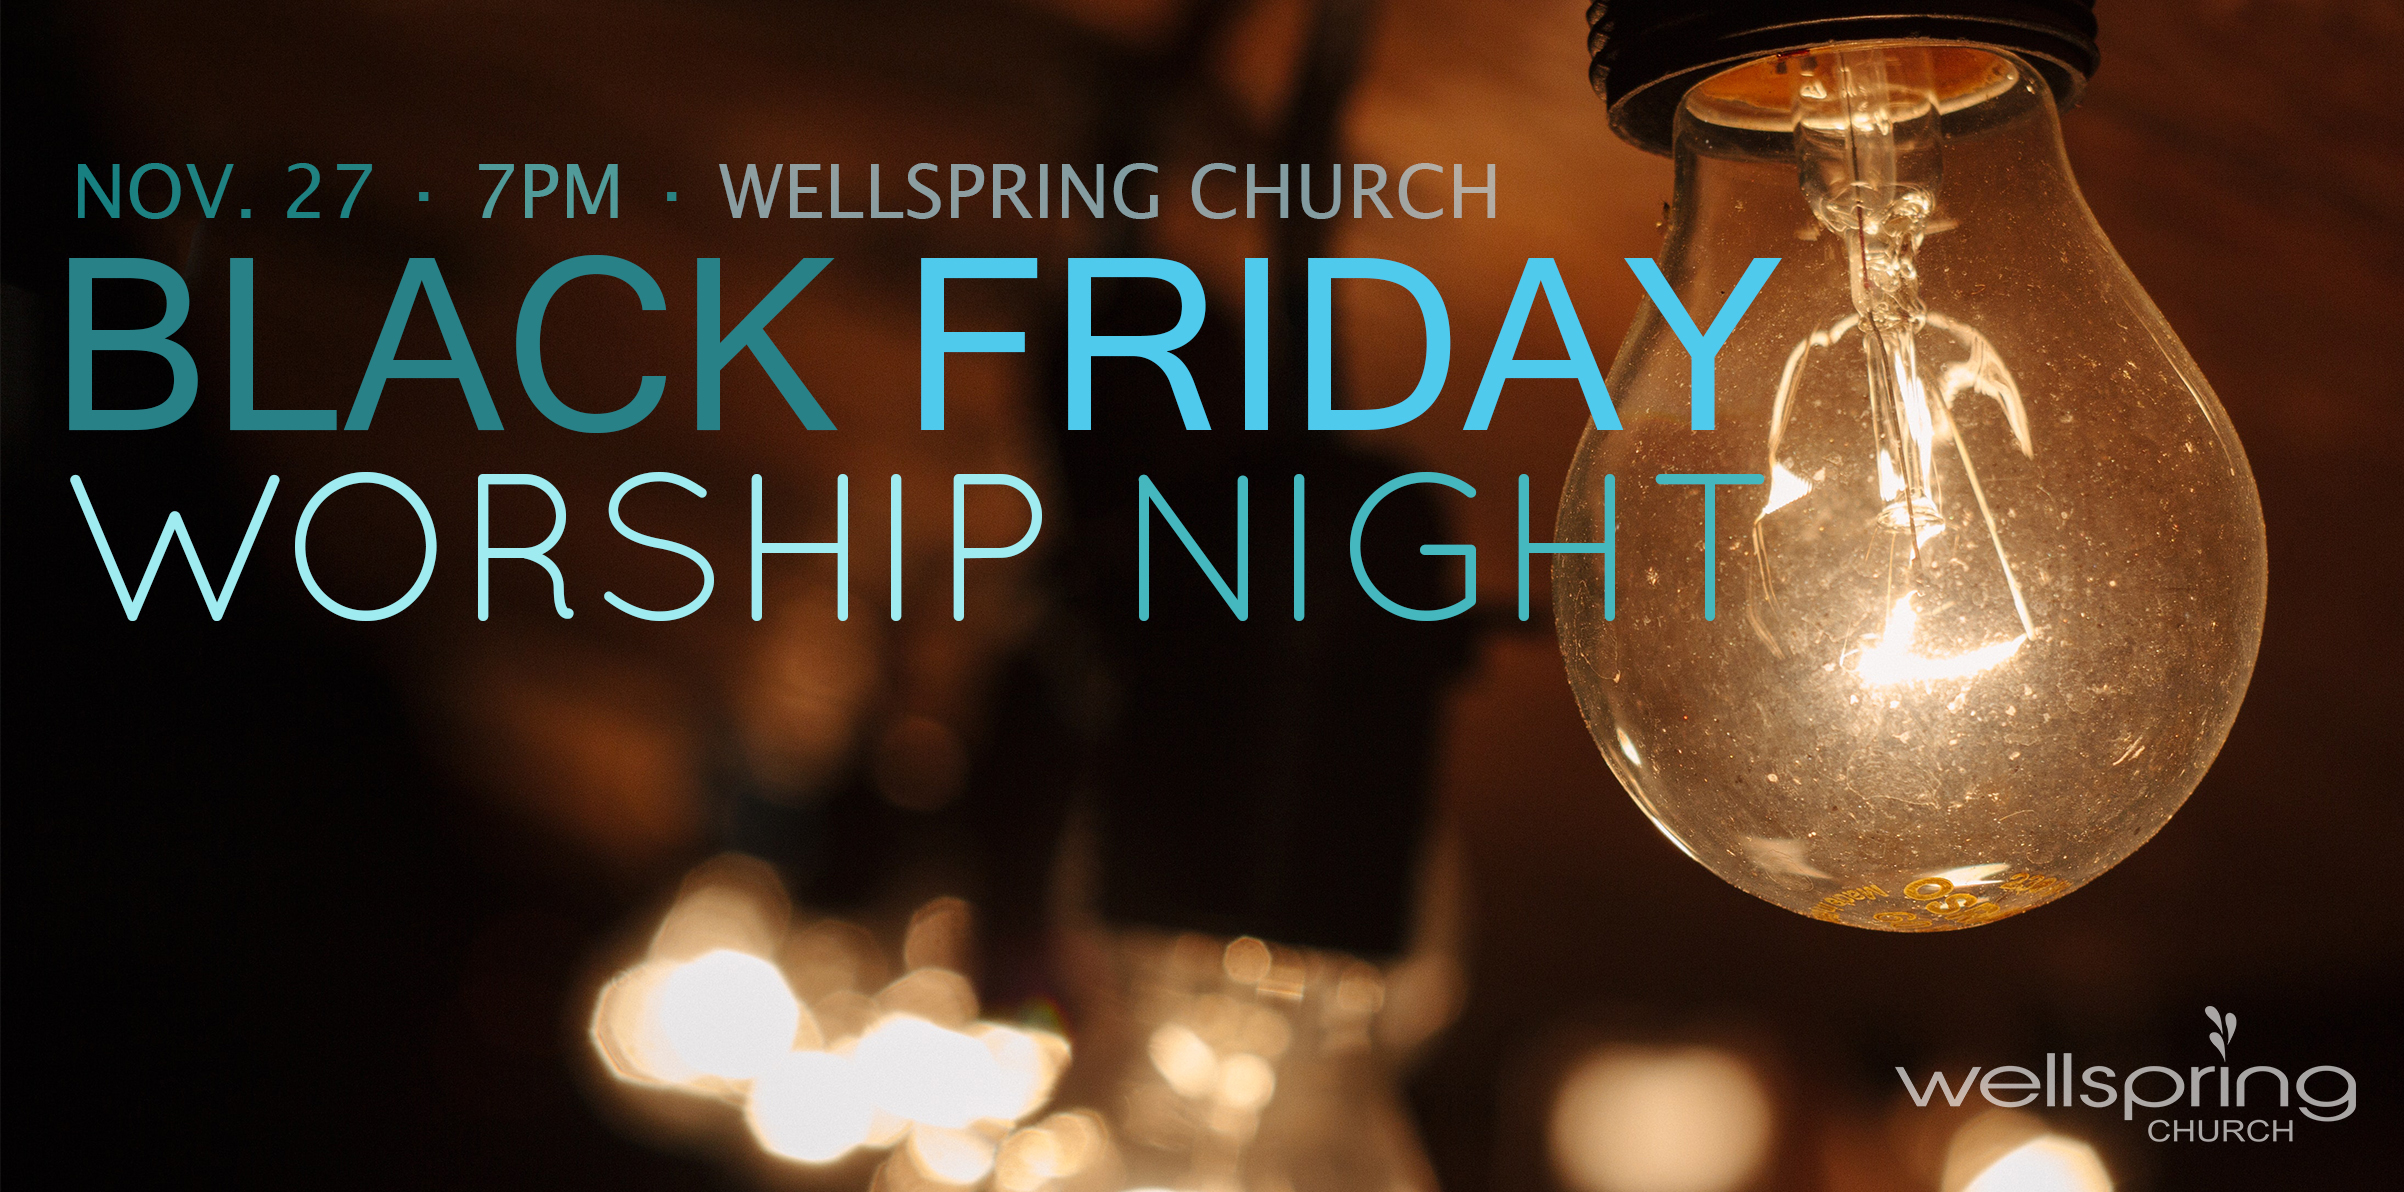 Black Friday Worship Night